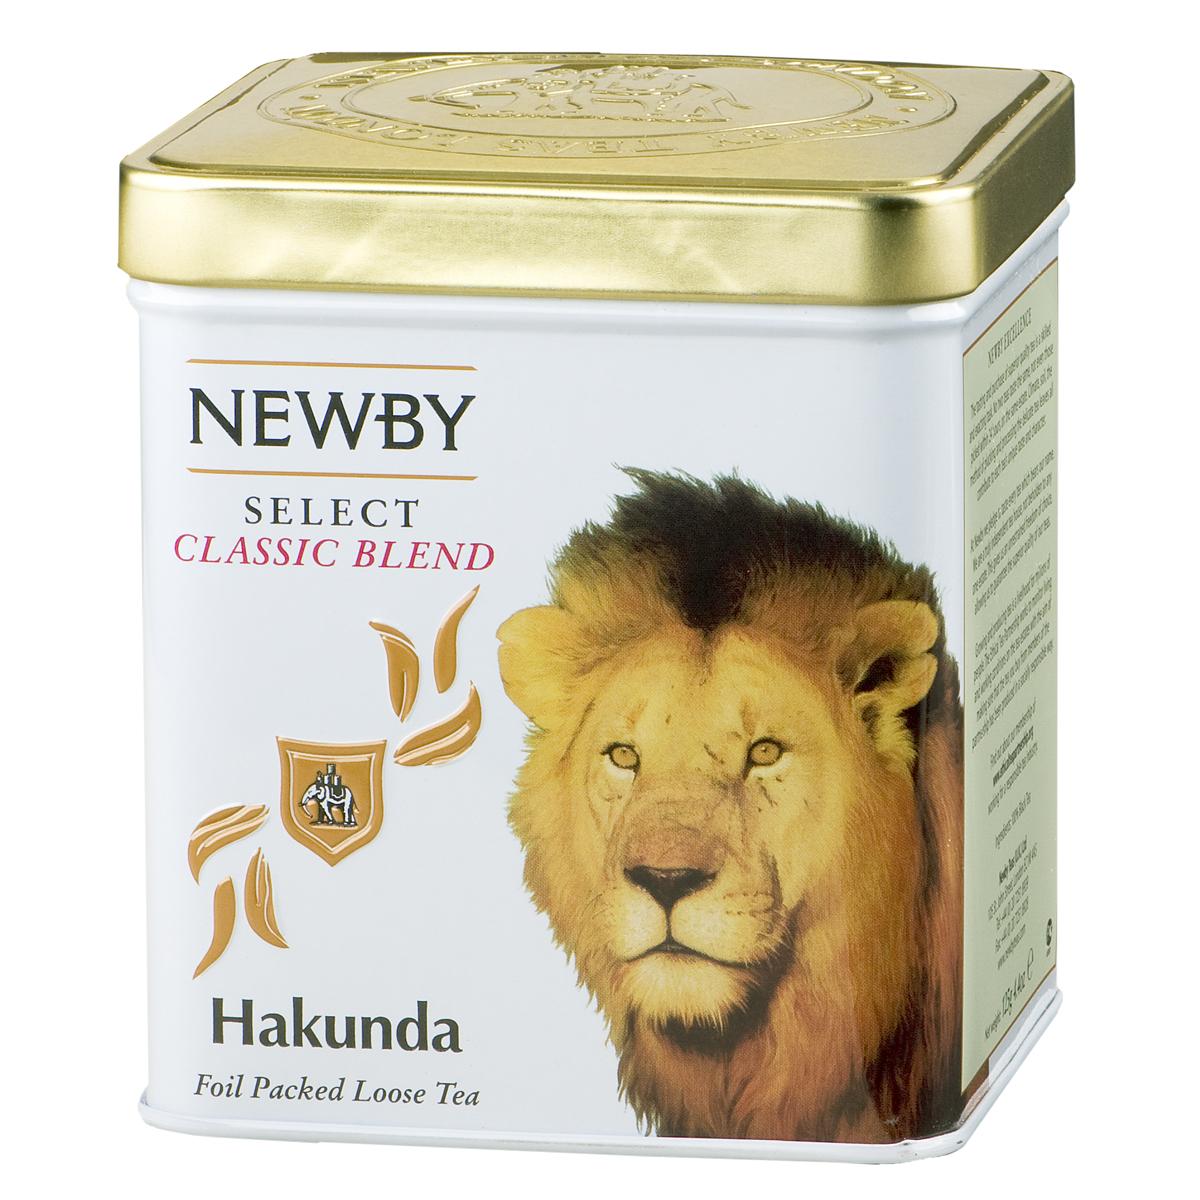 Newby Hakunda черный листовой чай, 125 г130870Крупнолистовой чай Newby Hakunda с африканского нагорья Керичо с золотистыми типсами. Мягкий, насыщенный и яркий настой с солодовым послевкусием.